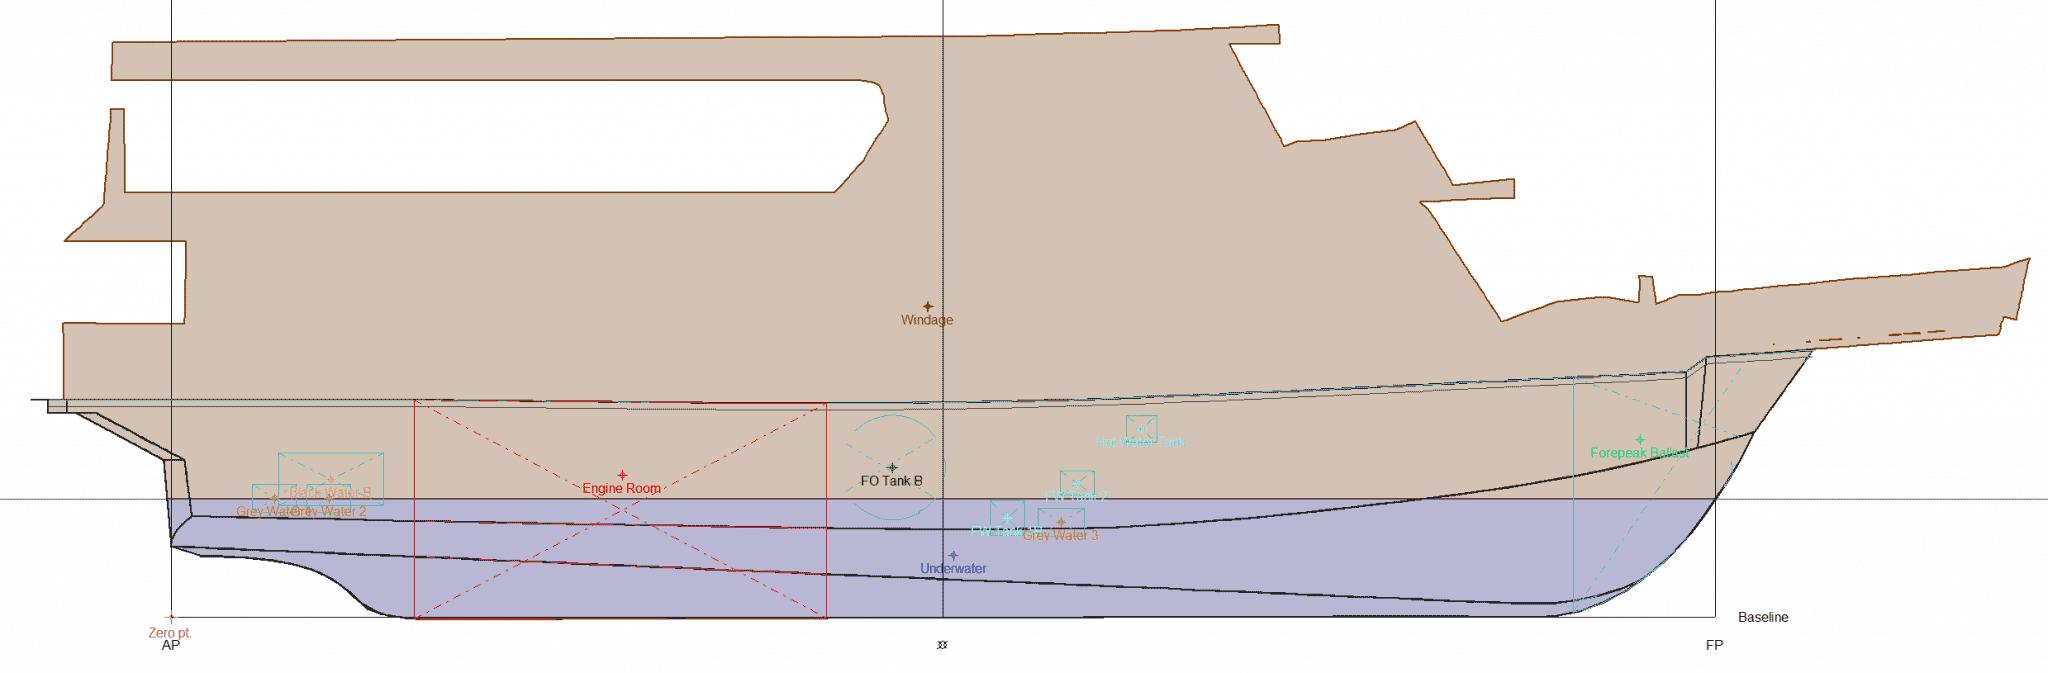 Tahoe Stability Model